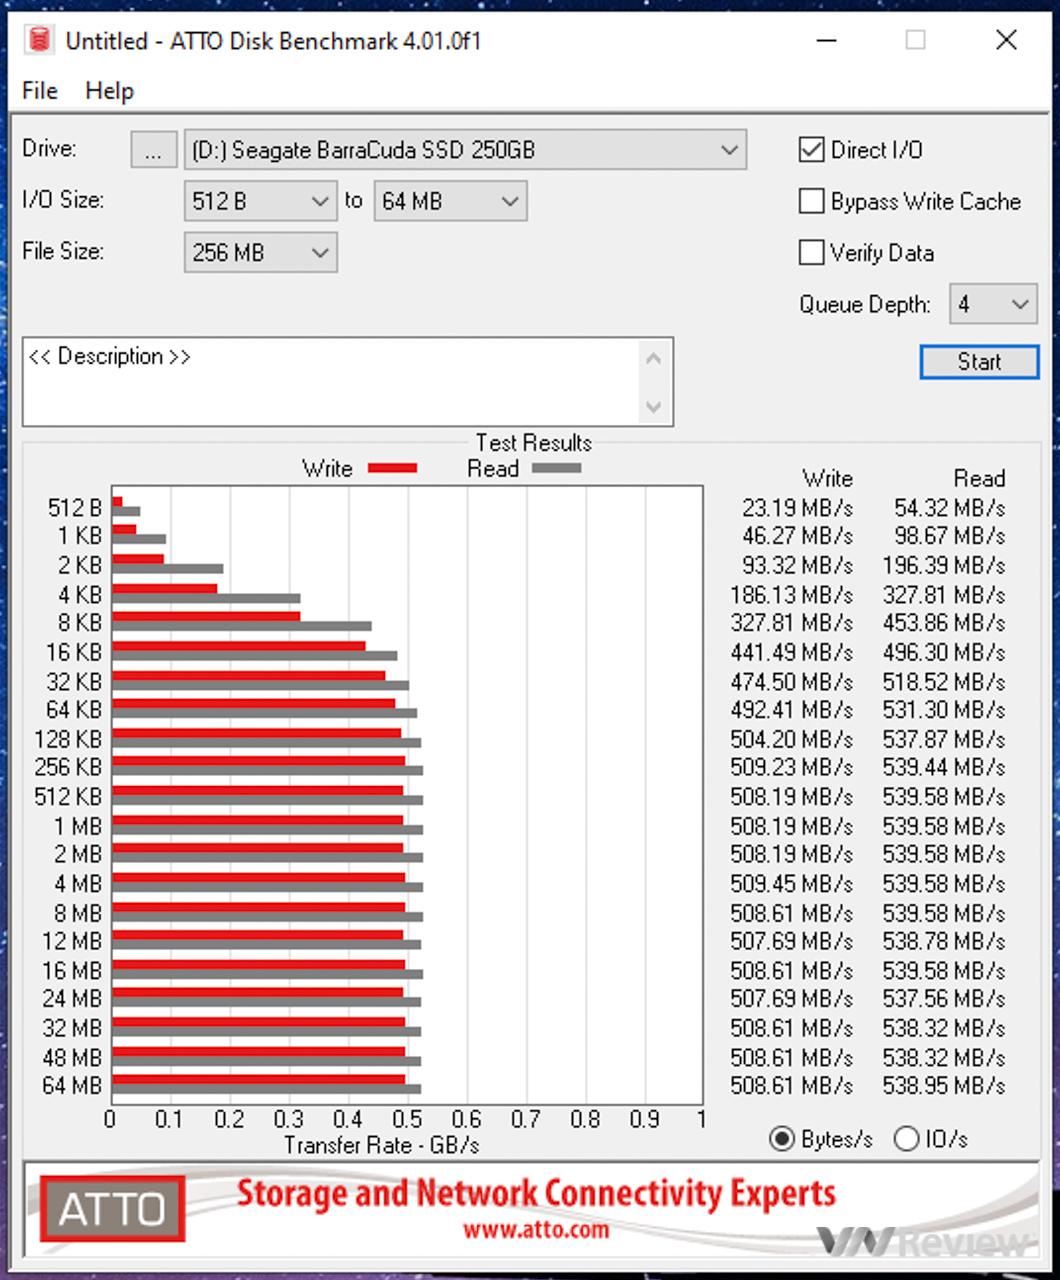 Đánh giá SSD Seagate BarraCuda 250GB: dấn thân vào cuộc chiến mới